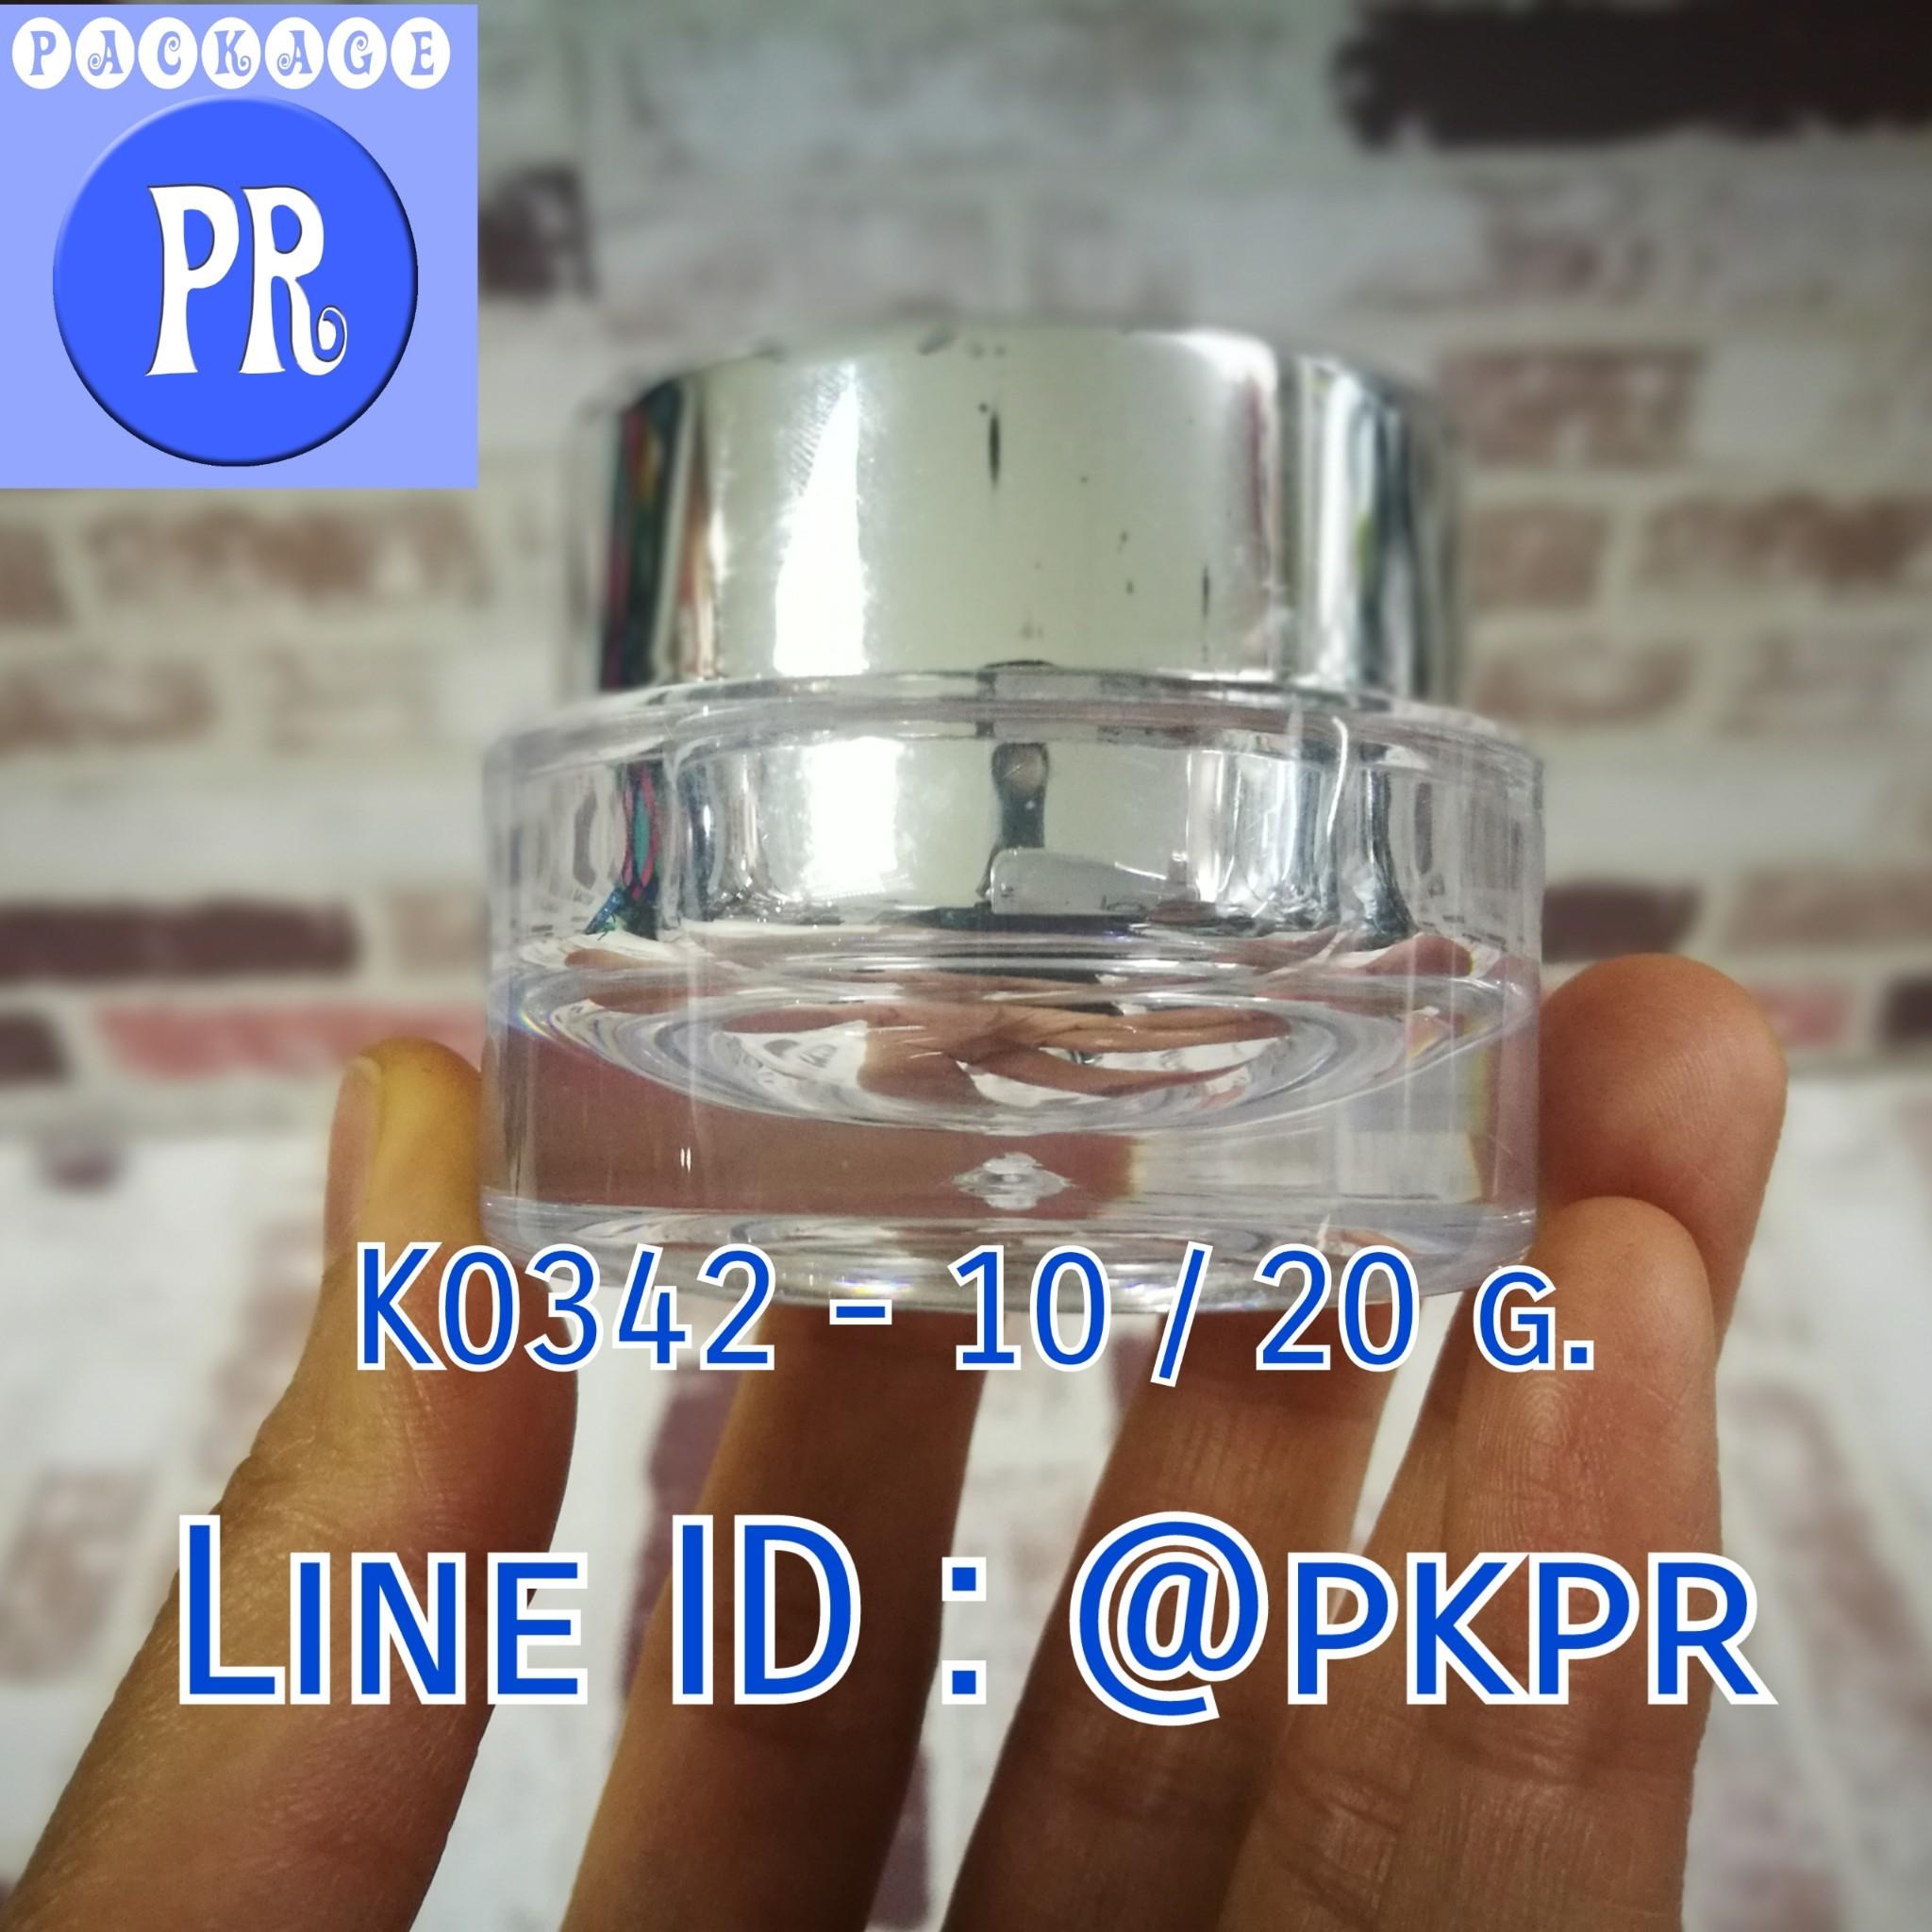 K0342 - 10 g.